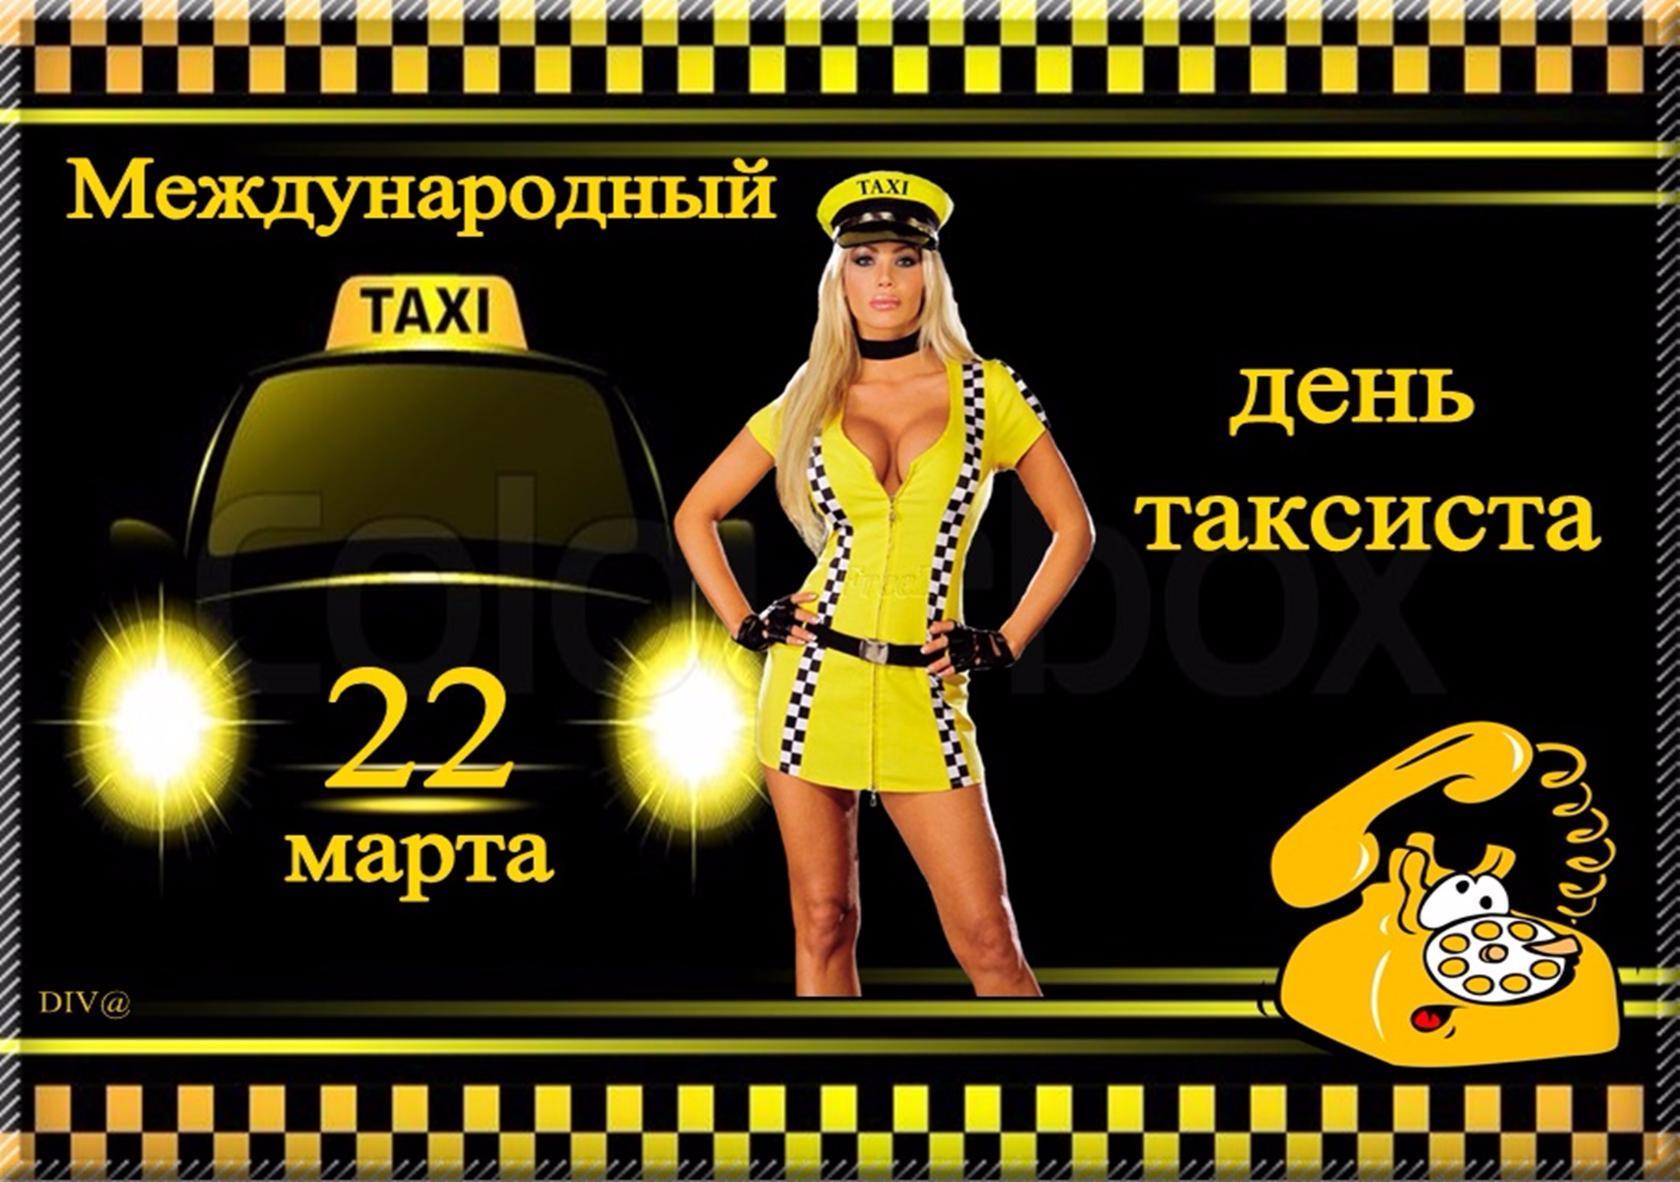 Открытка такси, лена днем рождения